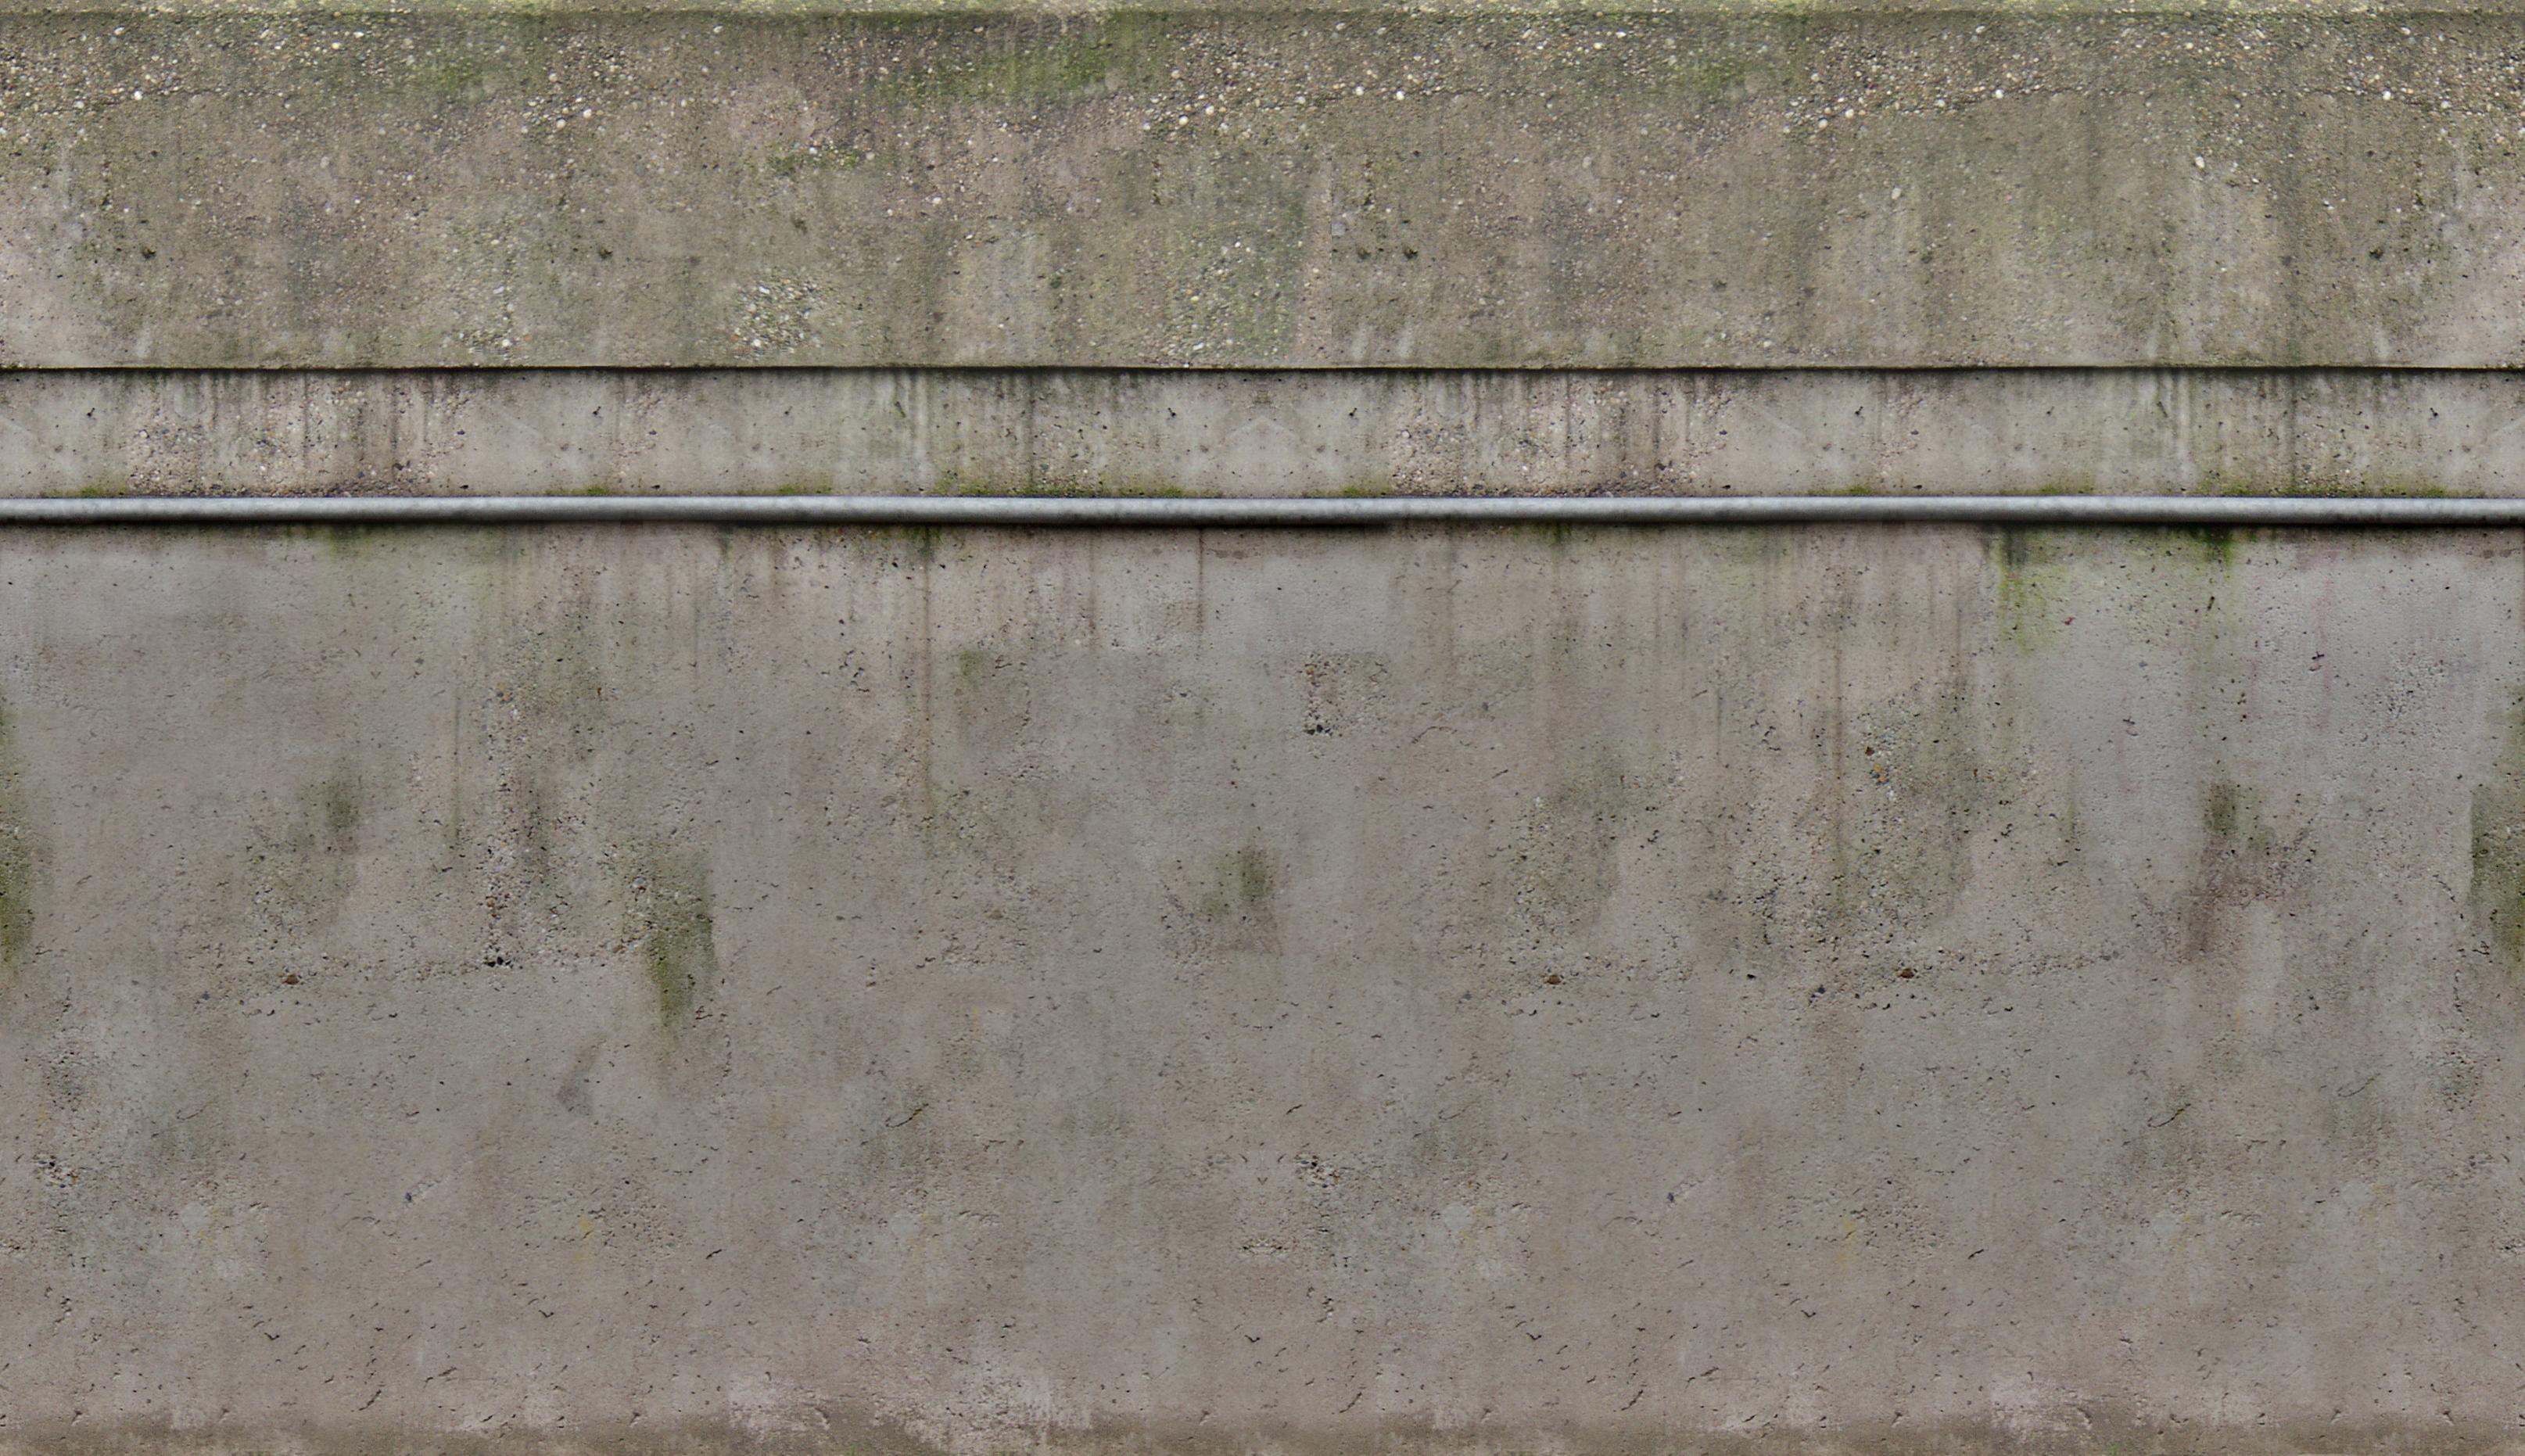 Concrete Wall Seamless by Vortex X on DeviantArt